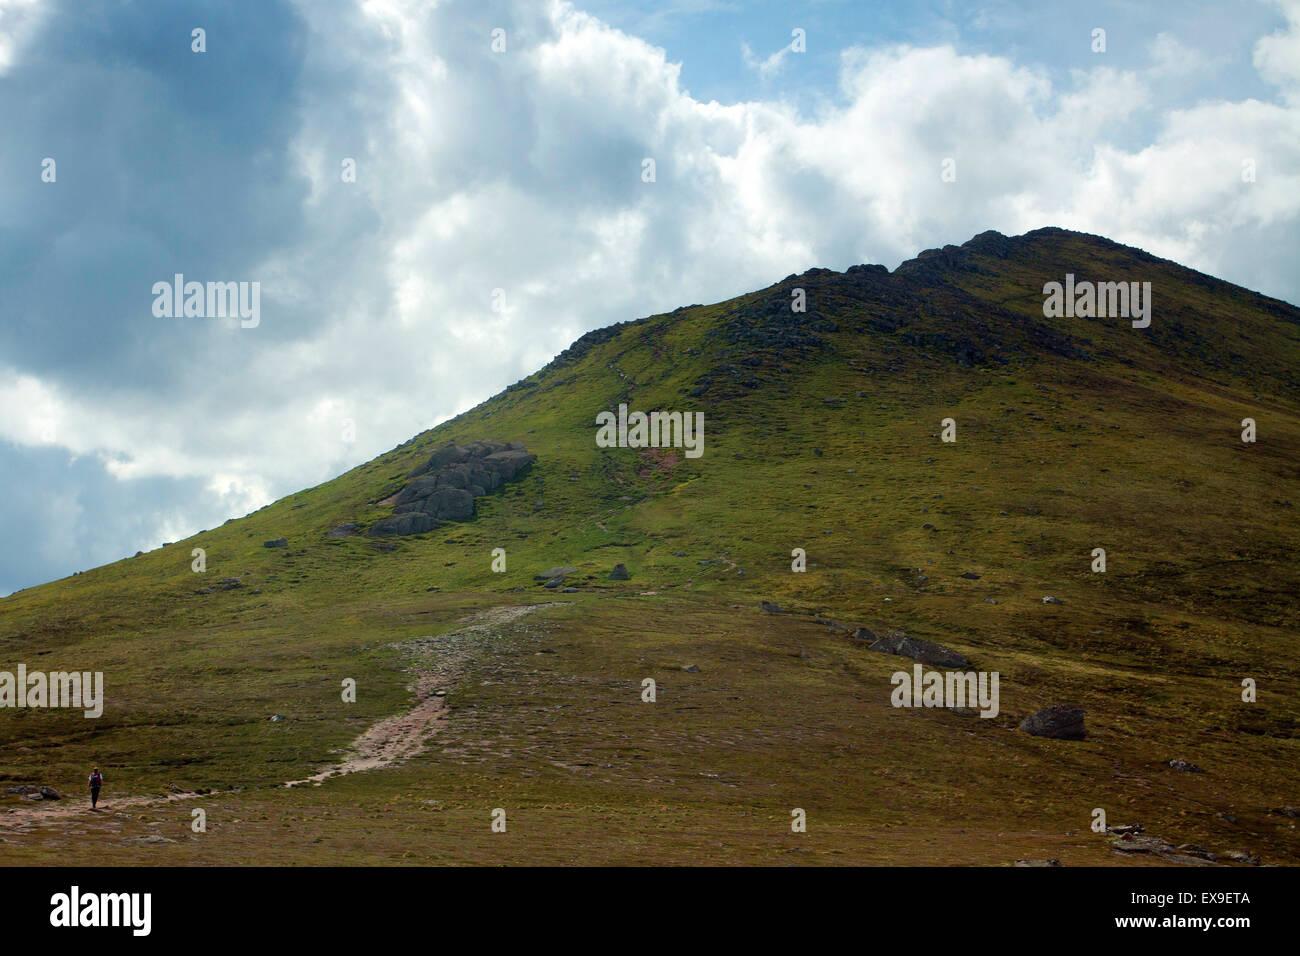 A walker ascending Bynack More, Cairngorm National Park, Badenoch & Speyside - Stock Image